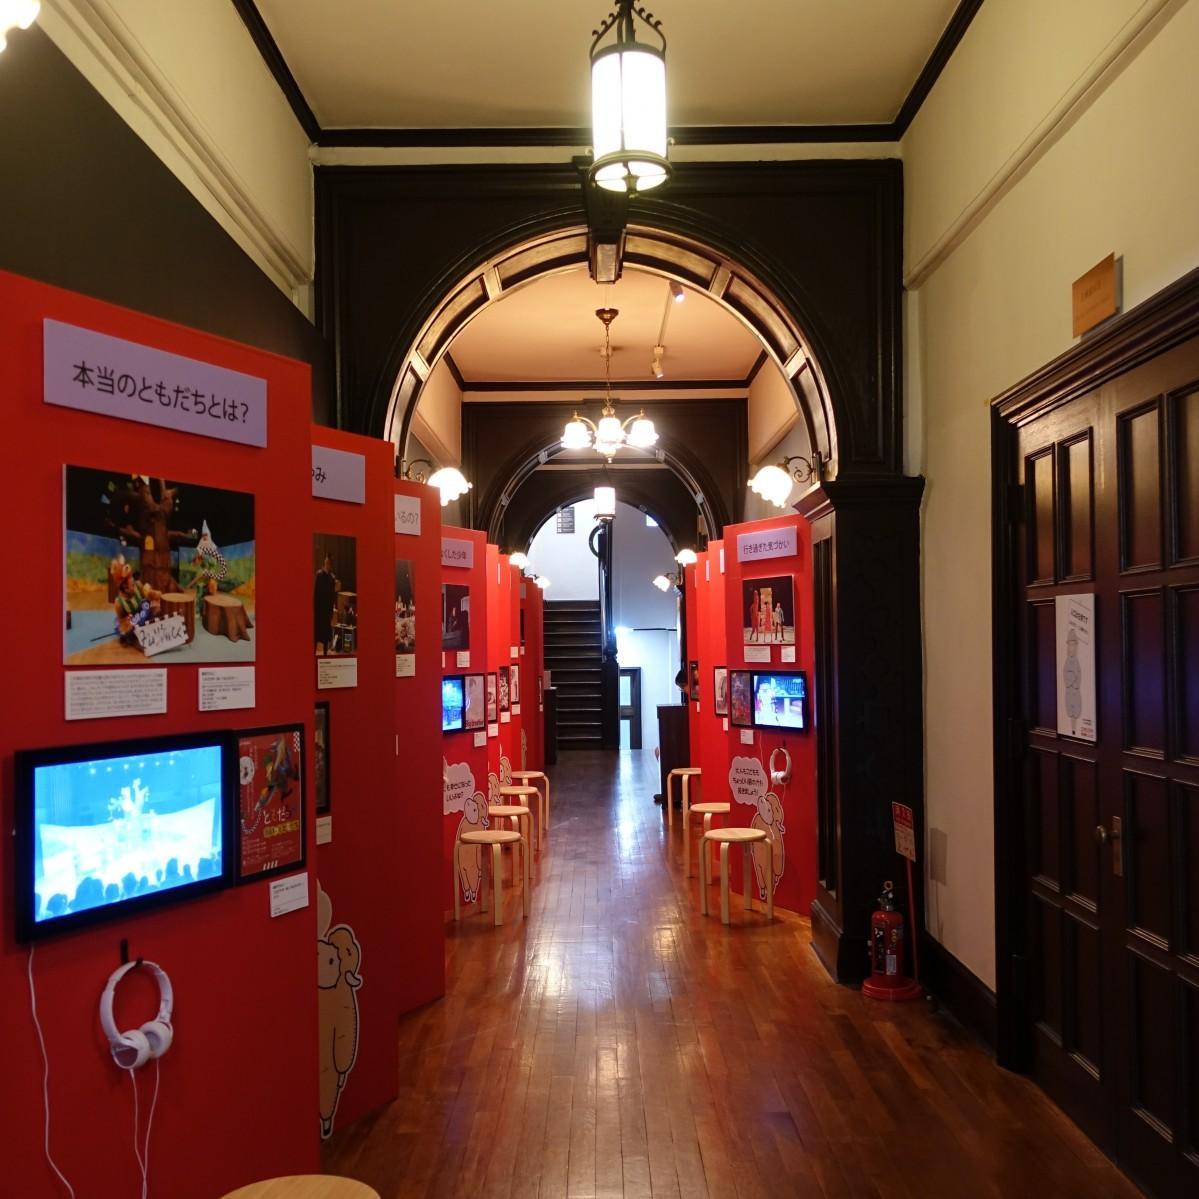 早稲田大学演劇博物館 企画展「コドモノミライ」2階廊下 展示の様子